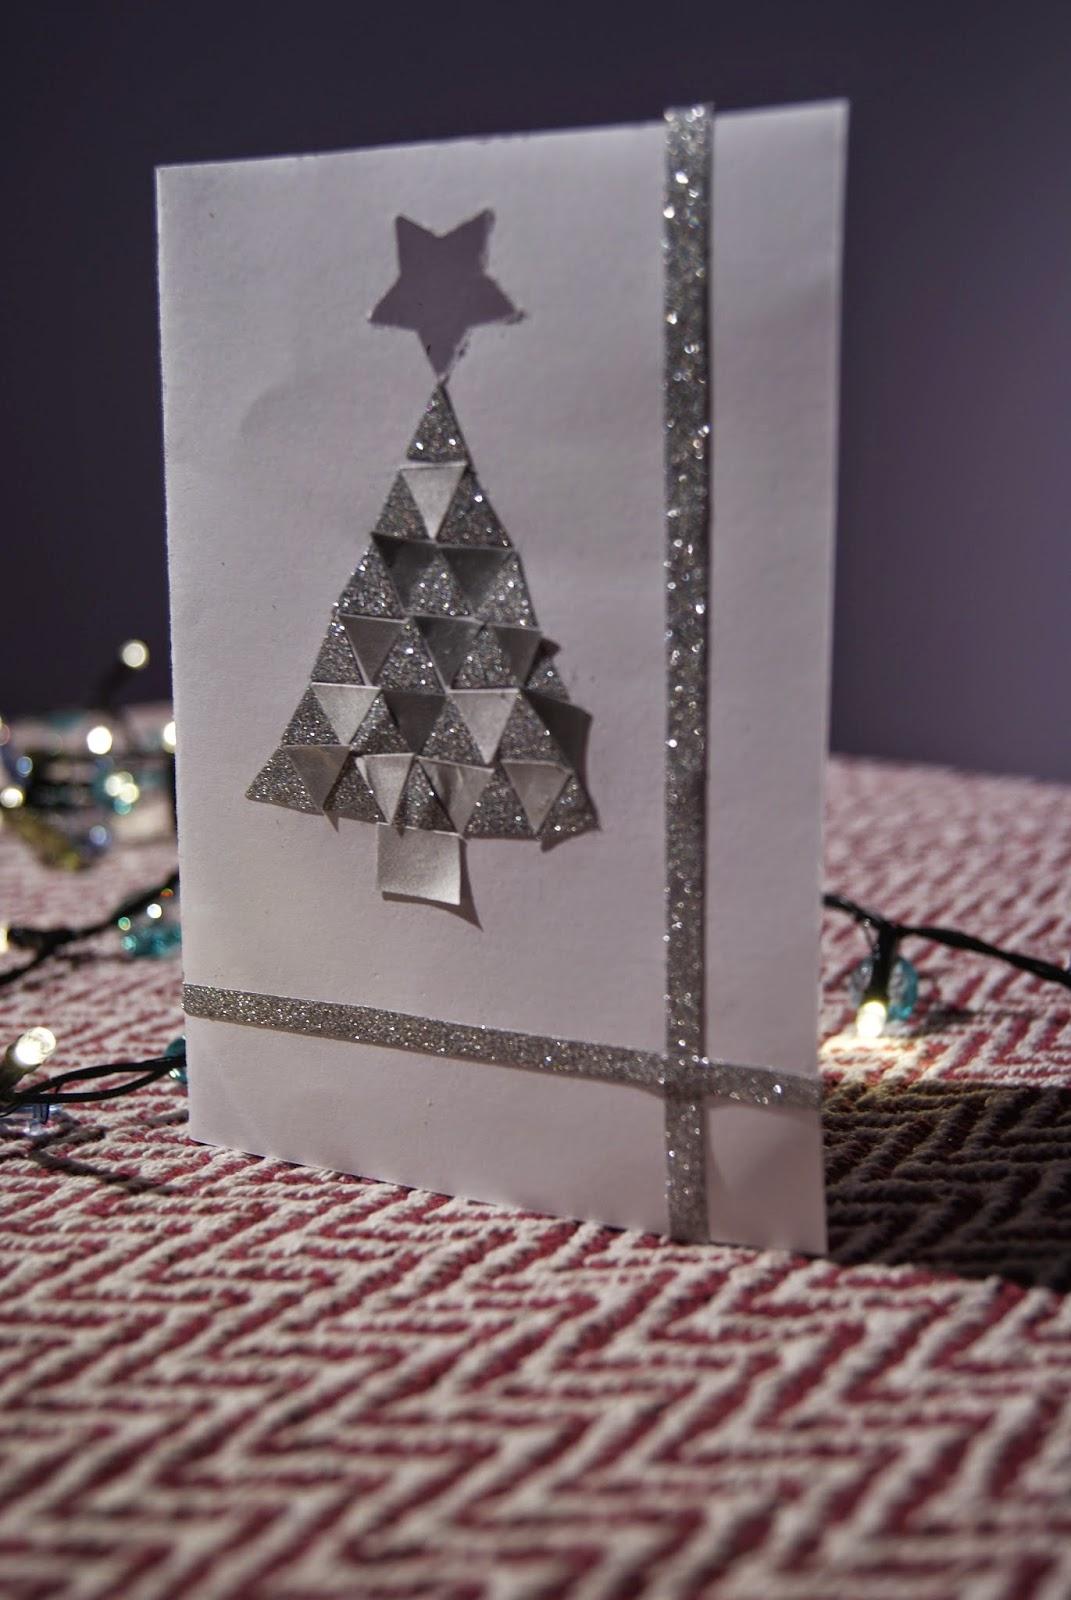 kartki świąteczne pomysły inspiracje diy srebrna mozaika choinka